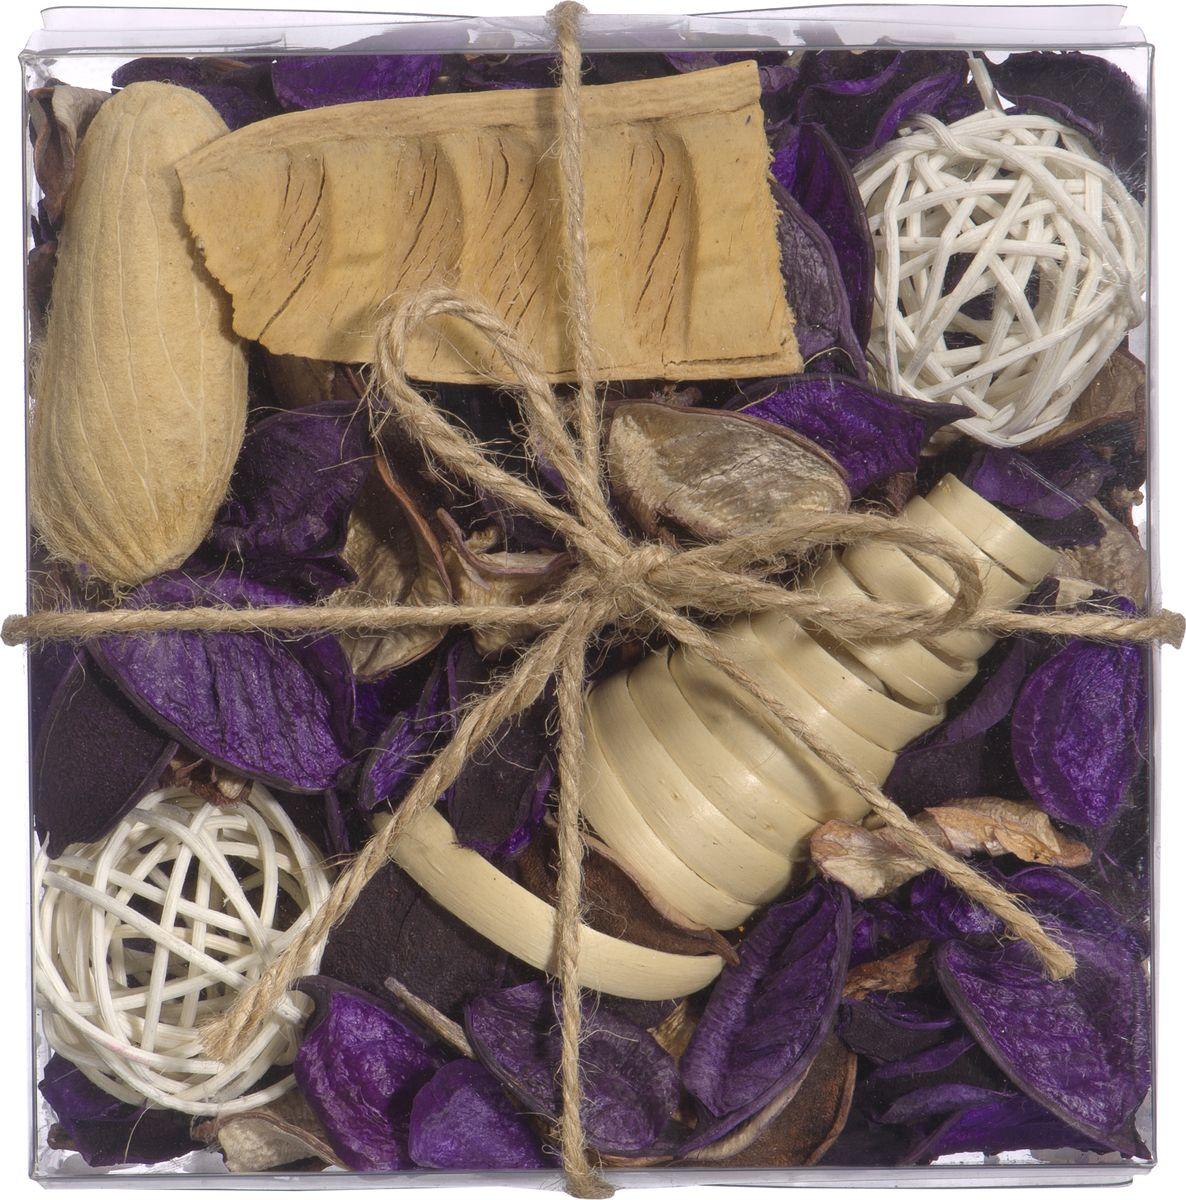 Набор сухоцветов ВеЩицы Лаванда, 13 х 13 смYW-SUH16Набор сухоцветов из натуральных материалов с ароматом Лаванда. Сухоцветы - это оригинальное дополнение в декоре интерьера. Яркие цвета, интересные формы, обилие расцветок делают этот вариант незаменимым при оформлении пространств.